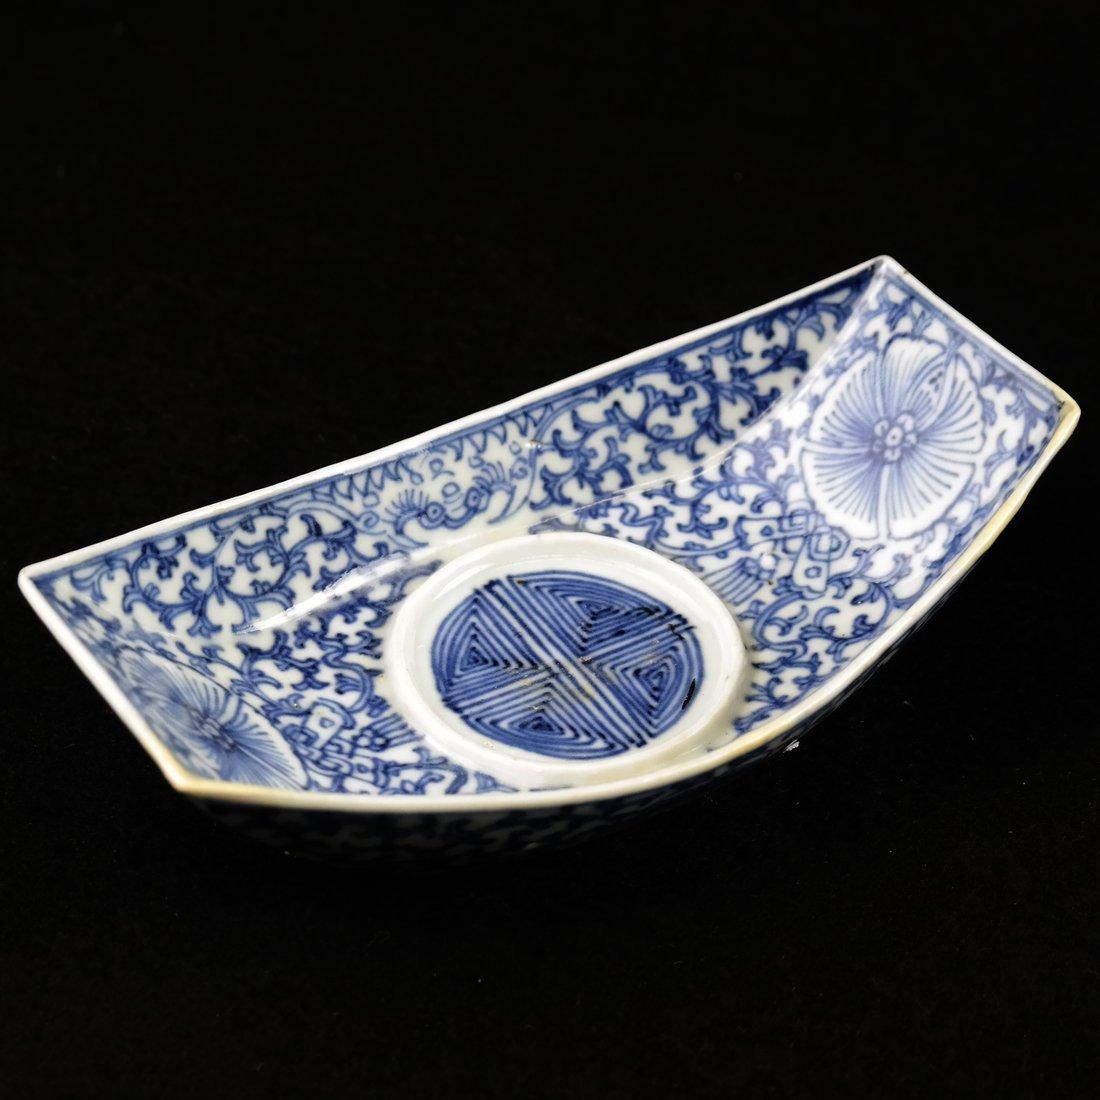 Six Pieces of Asian Porcelain - 6